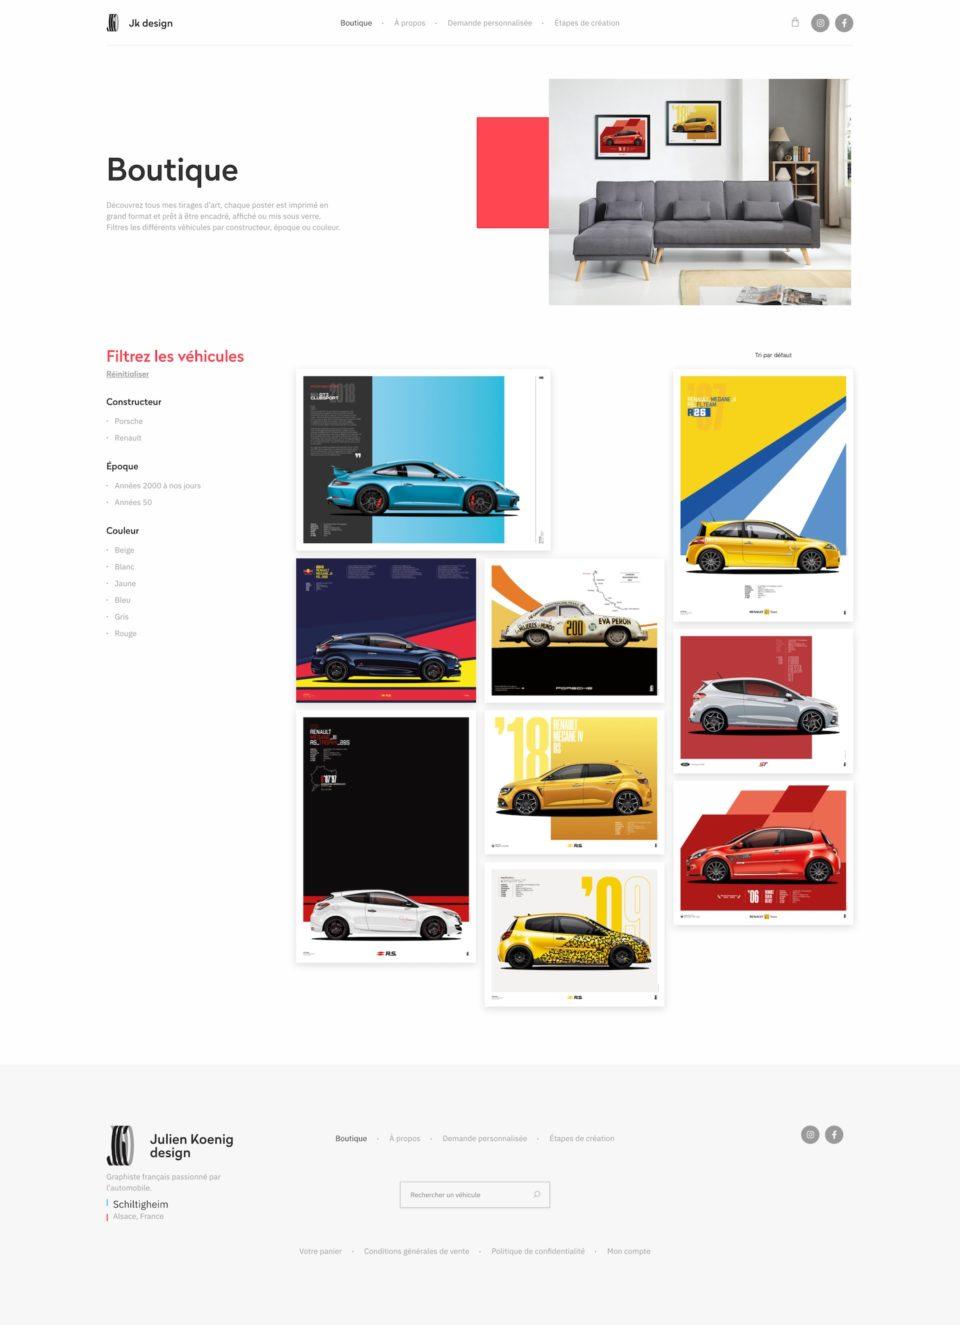 jk-design-page-boutique